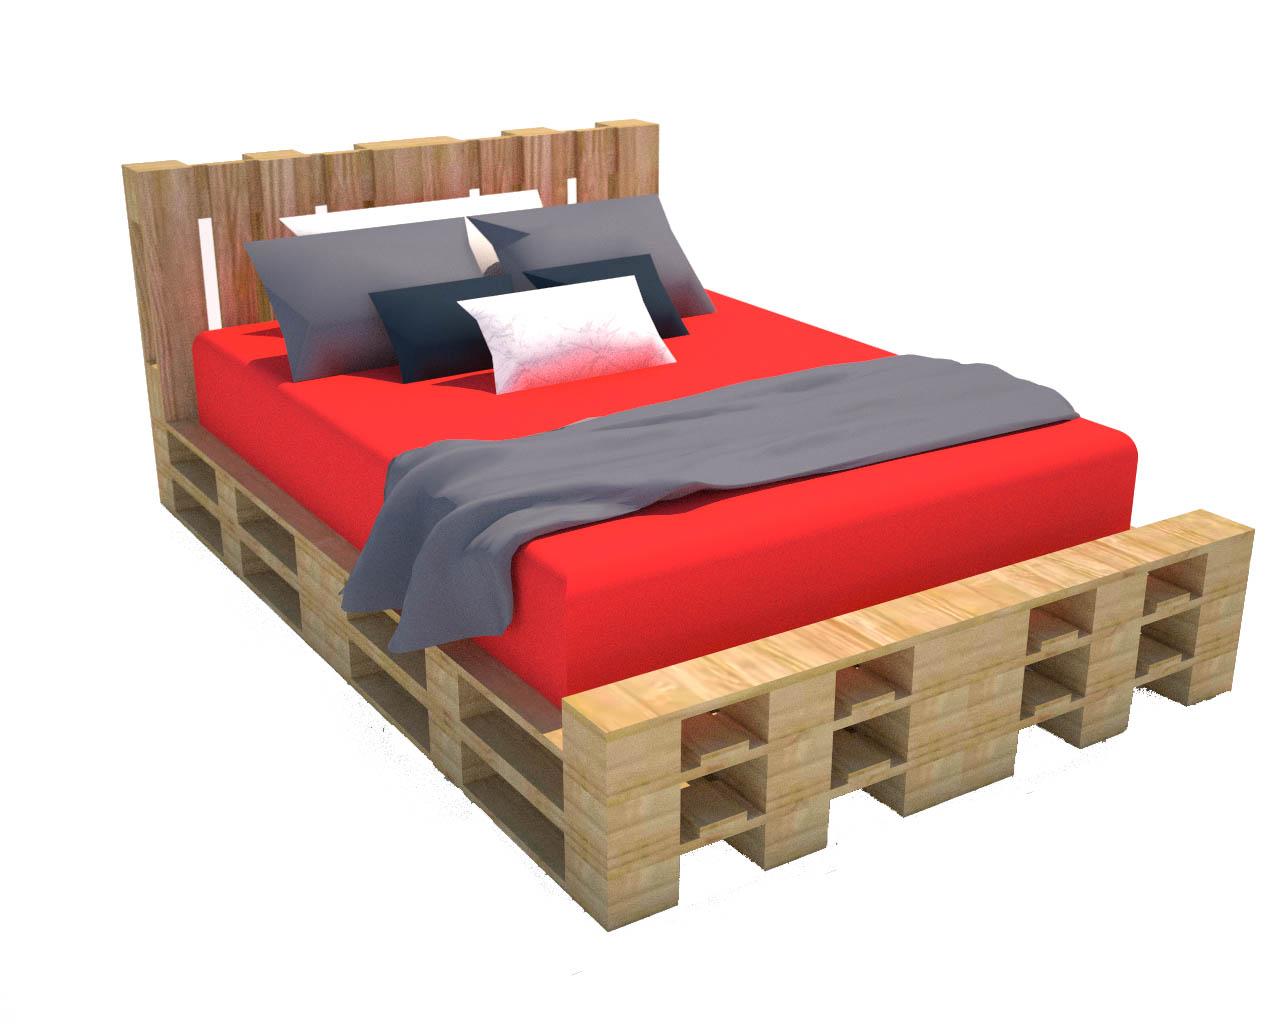 Progettare con i pallet come costruire un letto riciclando pallet - Come costruire un letto contenitore ...